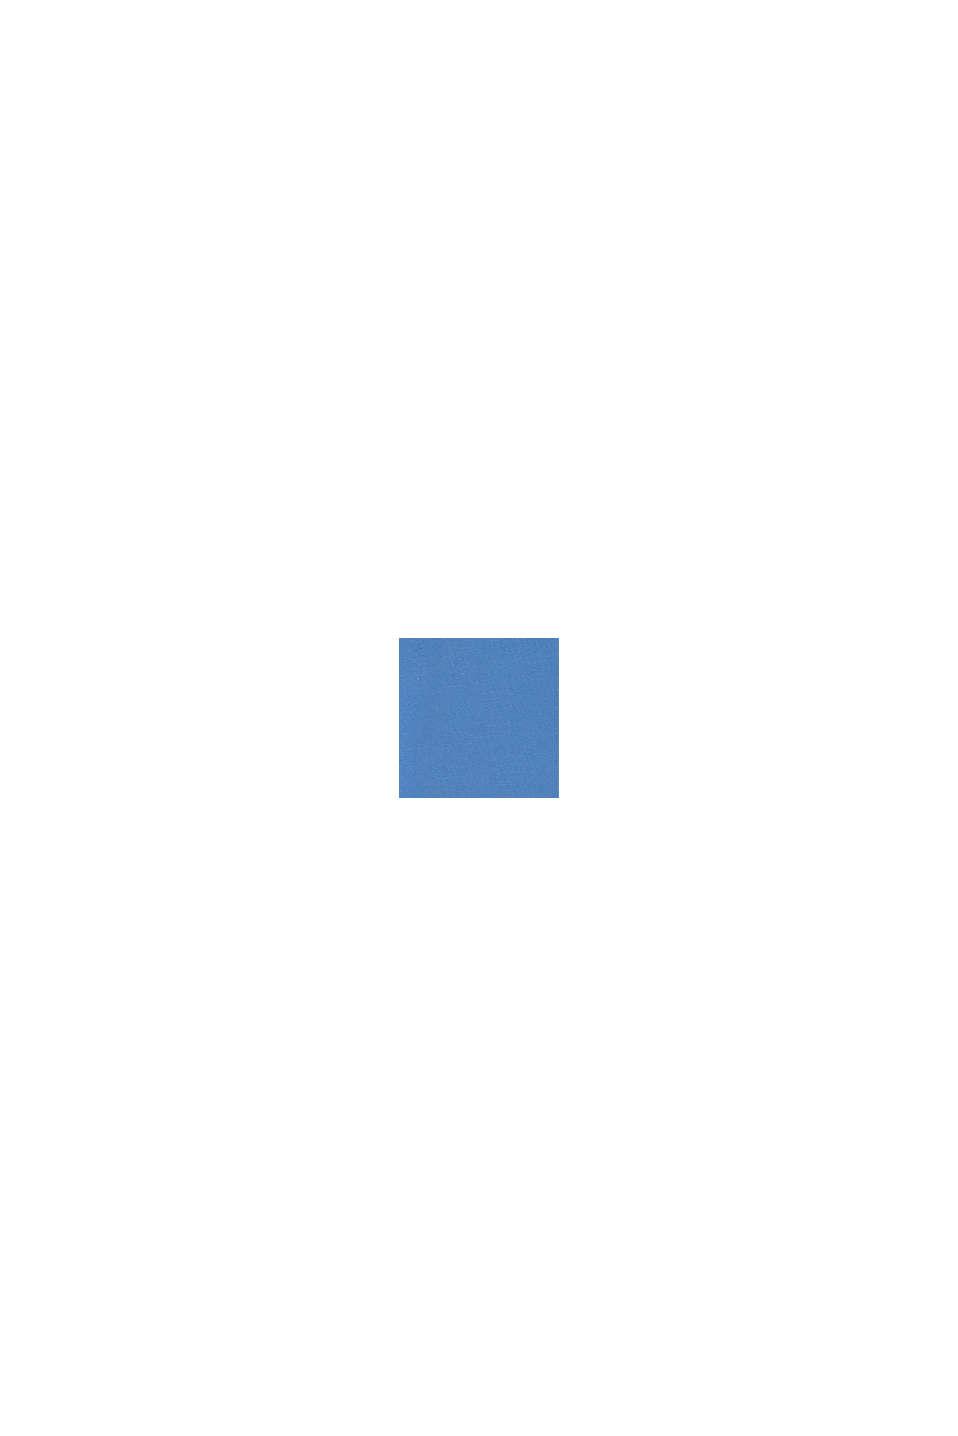 Basisleggings i bomuldsstretch, LIGHT BLUE, swatch